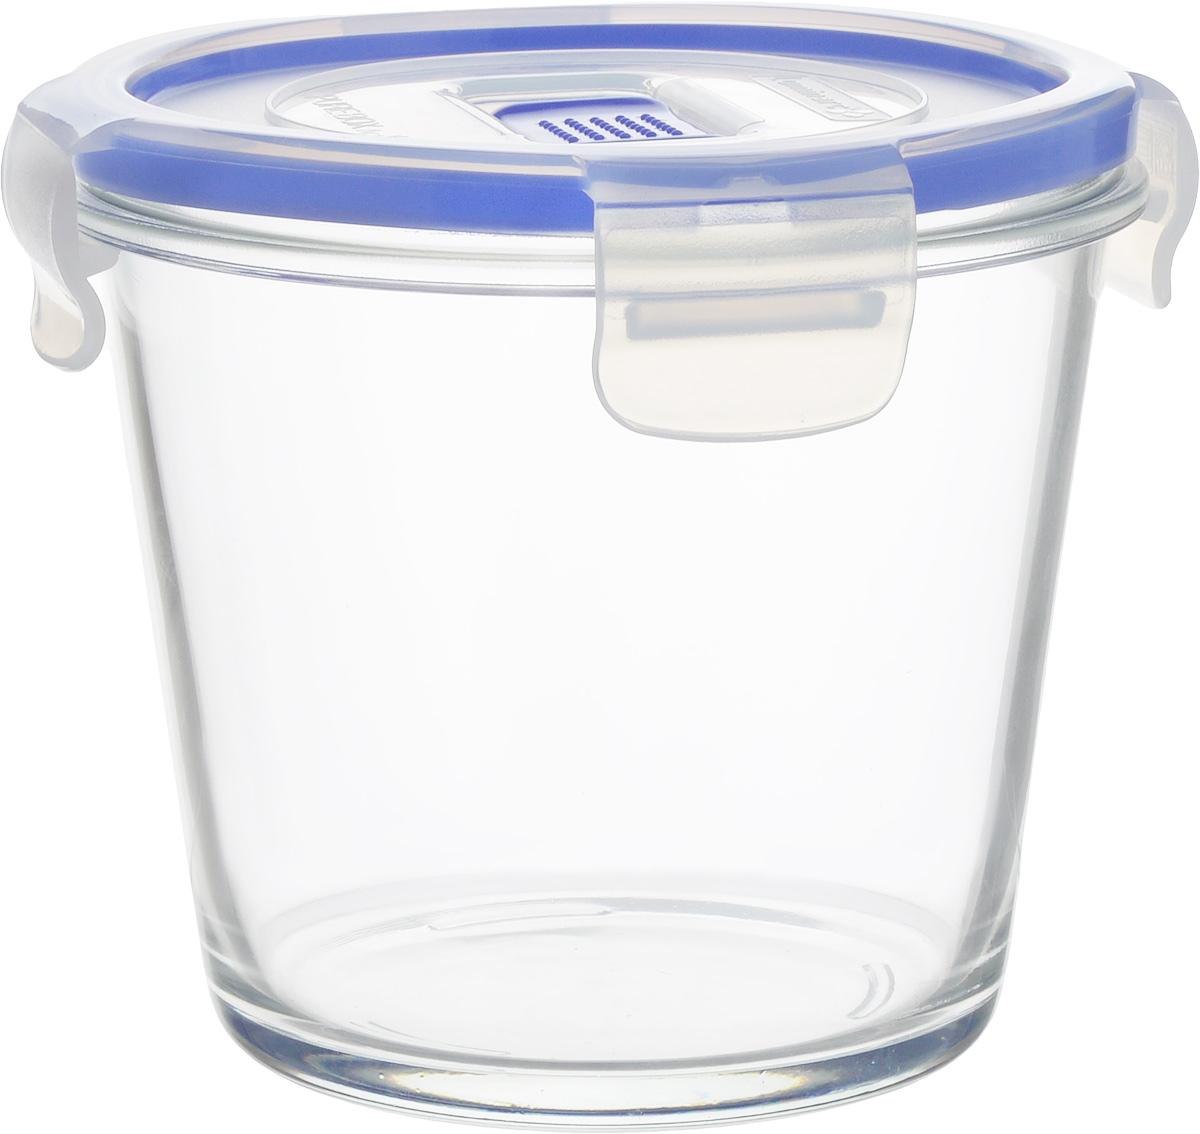 Контейнер Luminarc Pure Box Active, цвет: прозрачный, васильковый, 840 млVT-1520(SR)Круглый контейнер Luminarc Pure Box Active изготовлен из жаропрочного закаленного стекла и предназначен для хранения любых пищевых продуктов. Благодаря особым технологиям изготовления, контейнер в течении времени службы не меняет цвет и не пропитывается запахами. Пластиковая крышка с силиконовой вставкой герметично защелкивается специальным механизмом. Контейнер Luminarc Pure Box Active удобен для ежедневного использования в быту.Подходит для хранения в холодильнике. Можно мыть в посудомоечной машине и использовать в СВЧ.Размер контейнера (без учета крышки): 13 х 13 х 11 см.